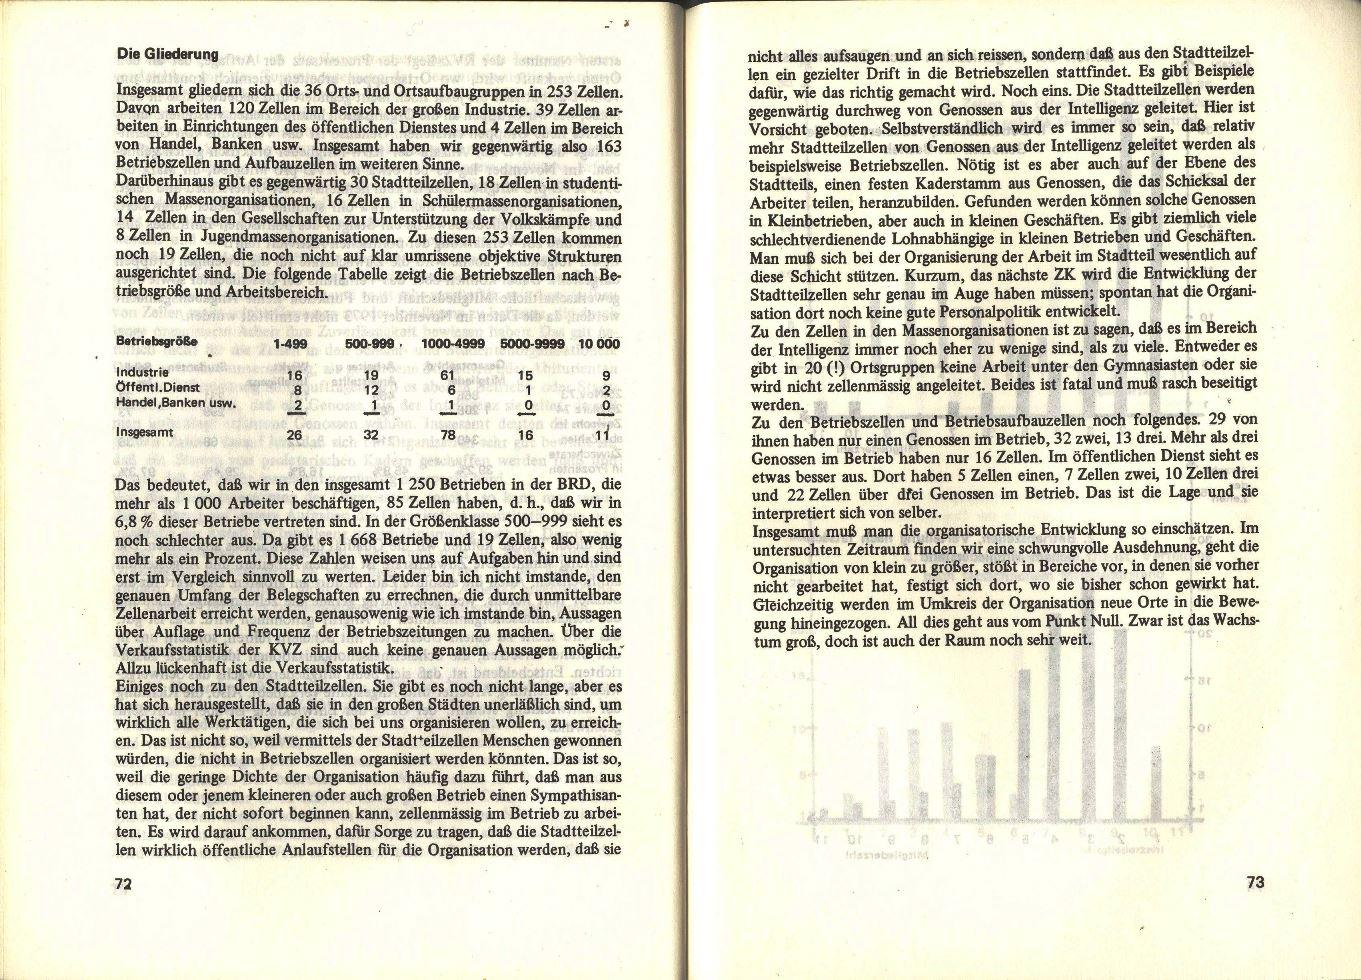 KBW_1974_Politischer_Bericht038